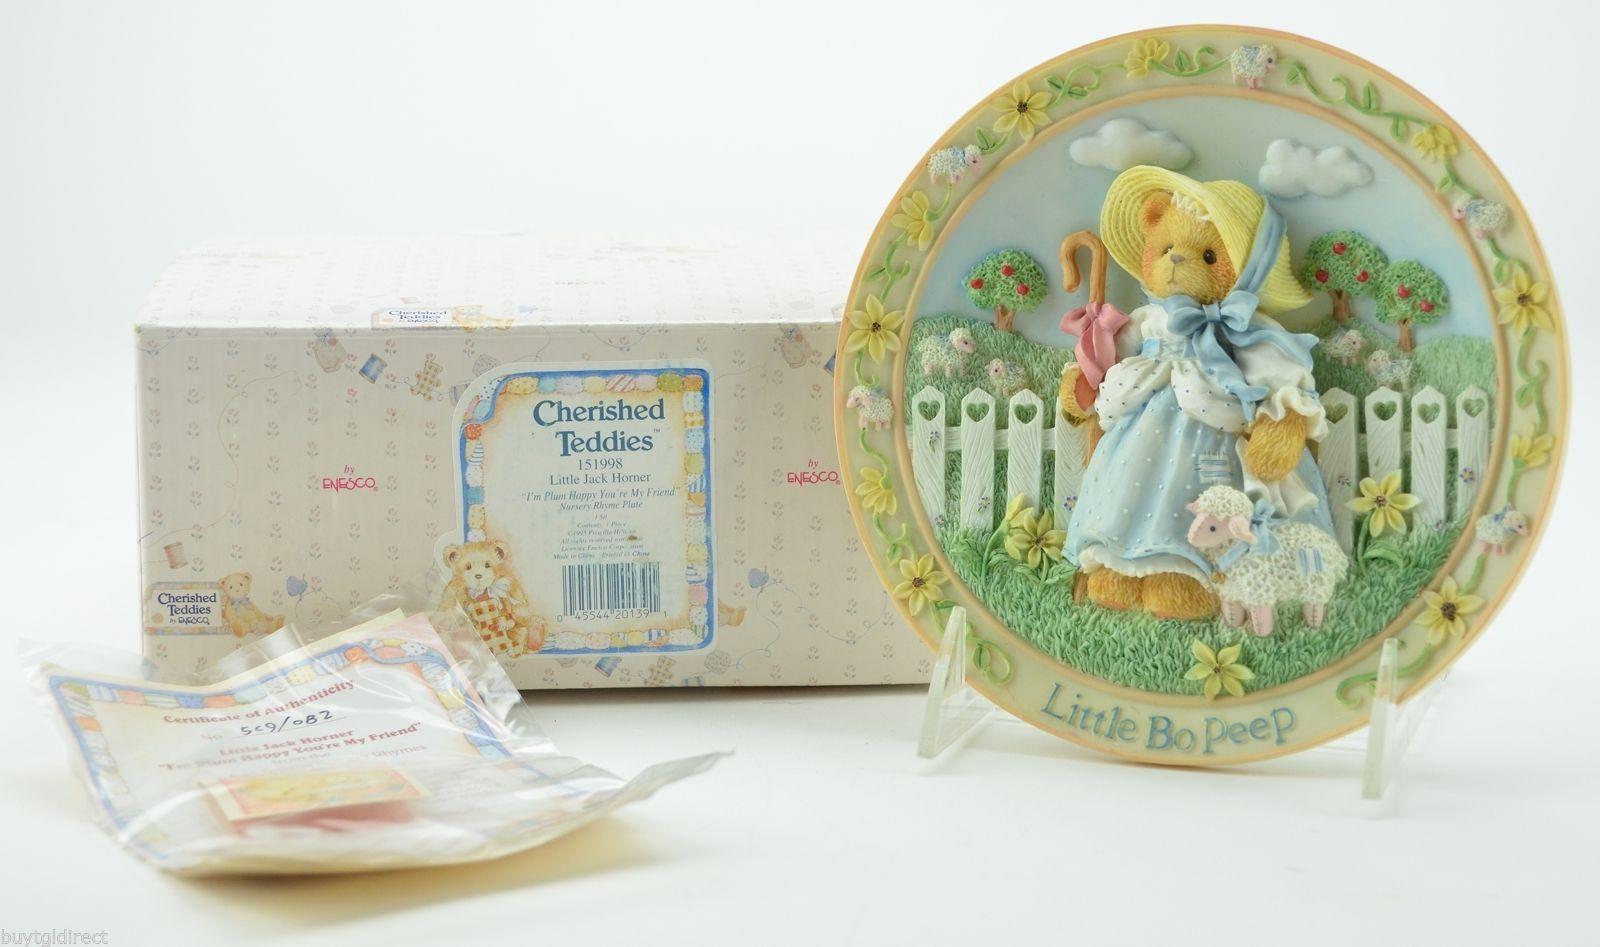 Enesco Cherished Teddies Little Bo Peep Looking For A Friend Like You Plate - $34.99